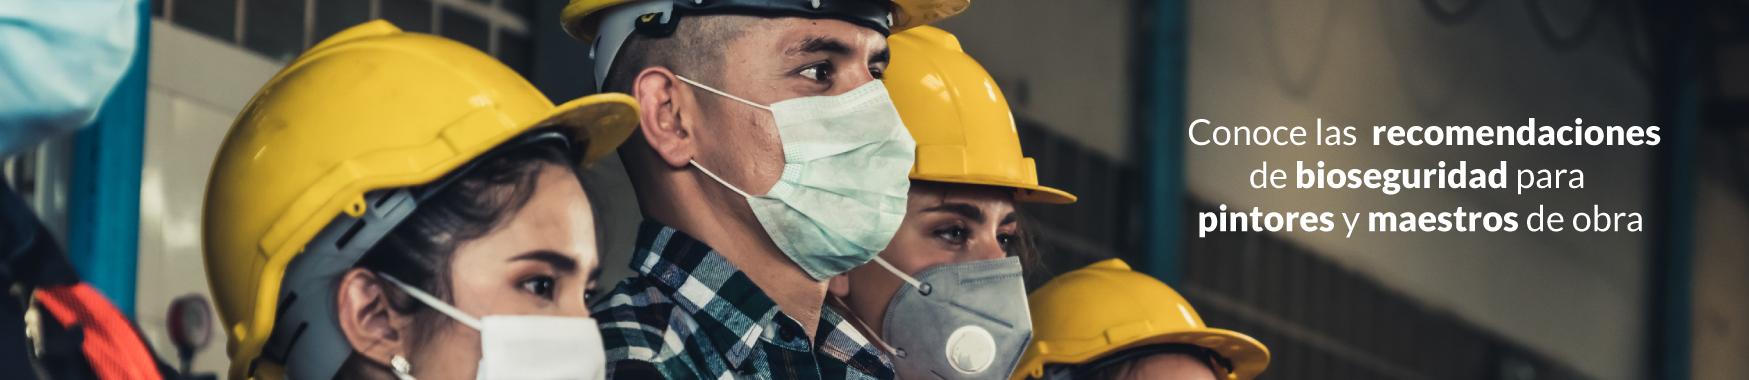 Recomendaciones de bioseguridad para los pintores y maestros de obra